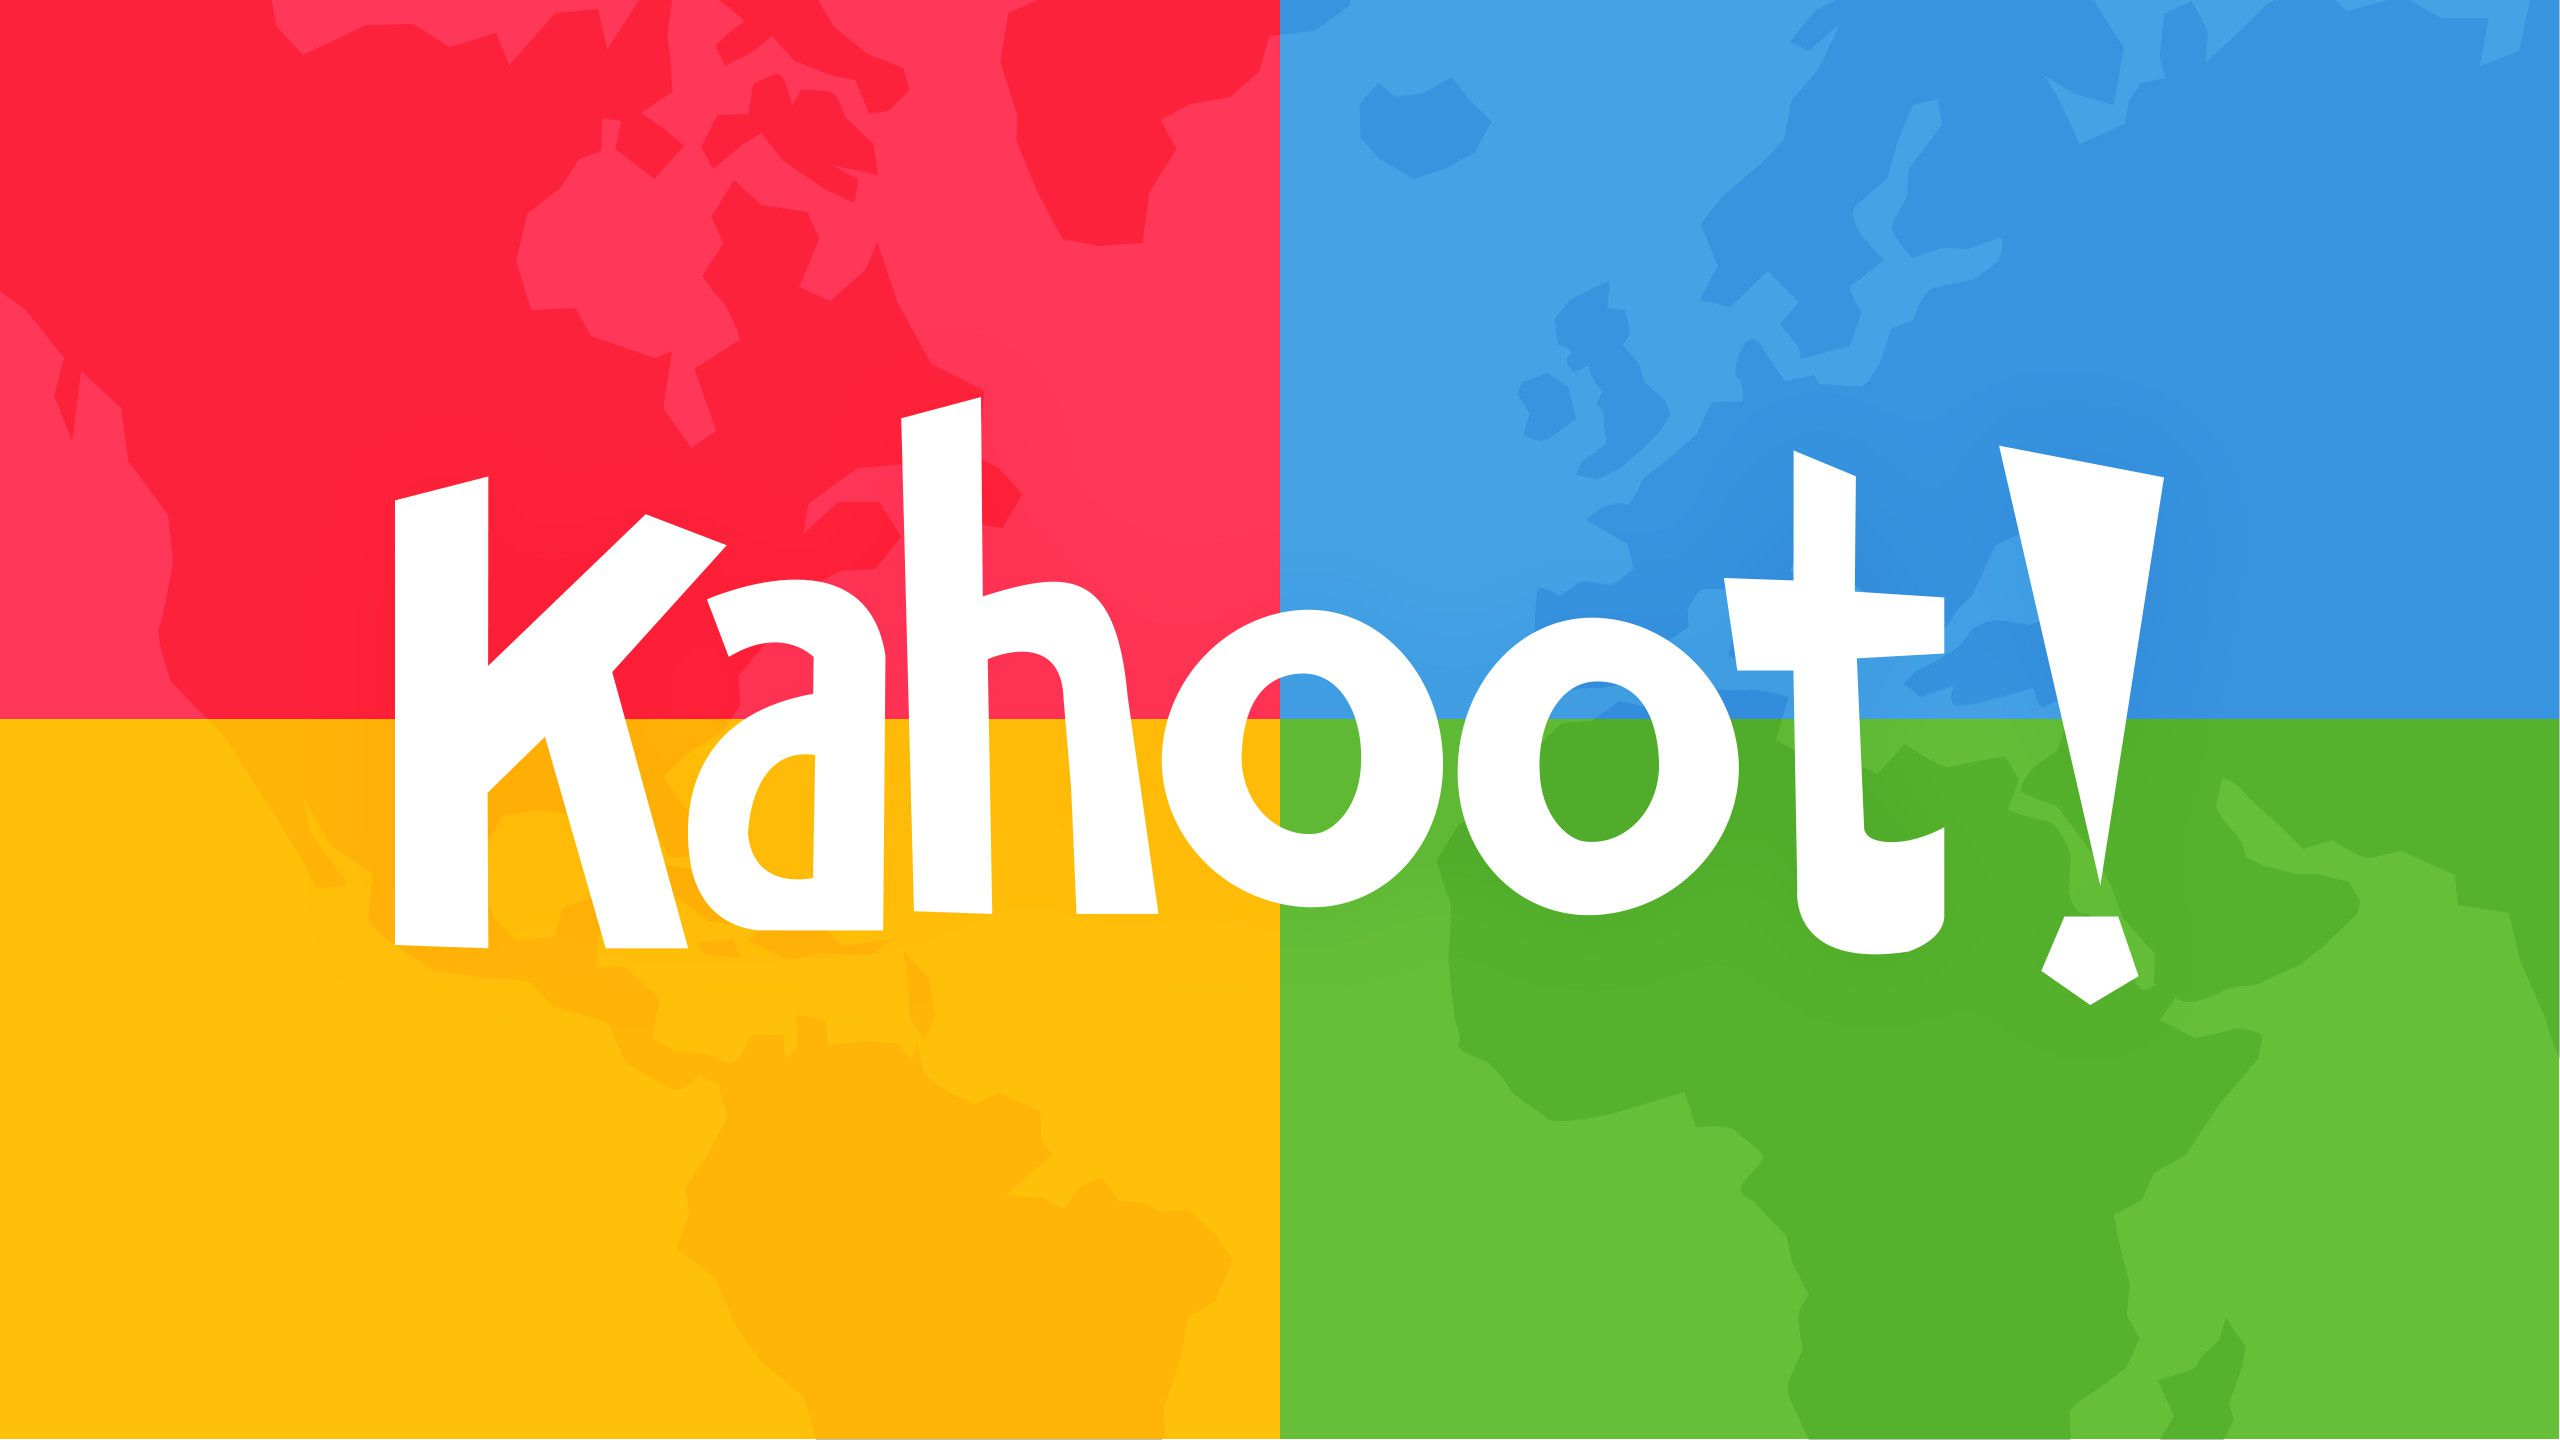 クイズ大会には絶対「Kahoot!」カフートを使おう